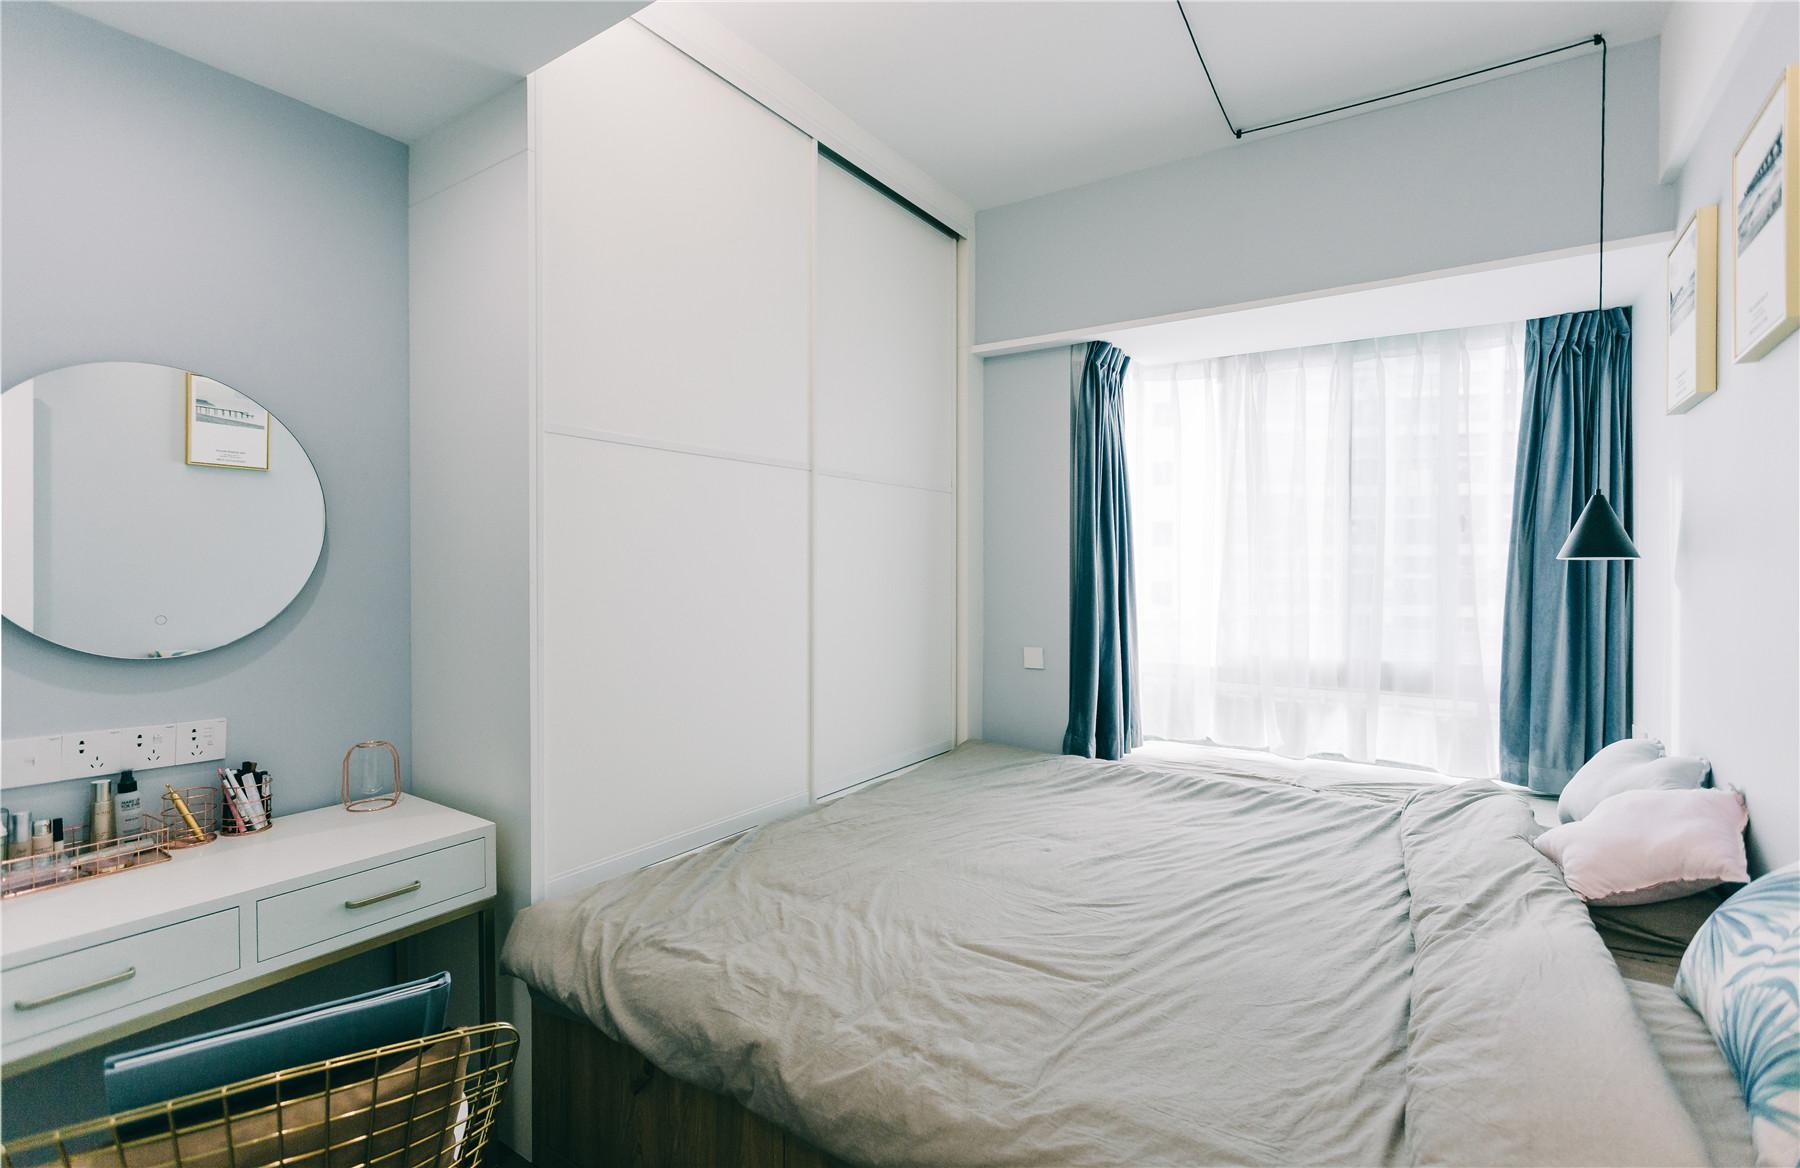 40平小户型榻榻米卧室装修效果图